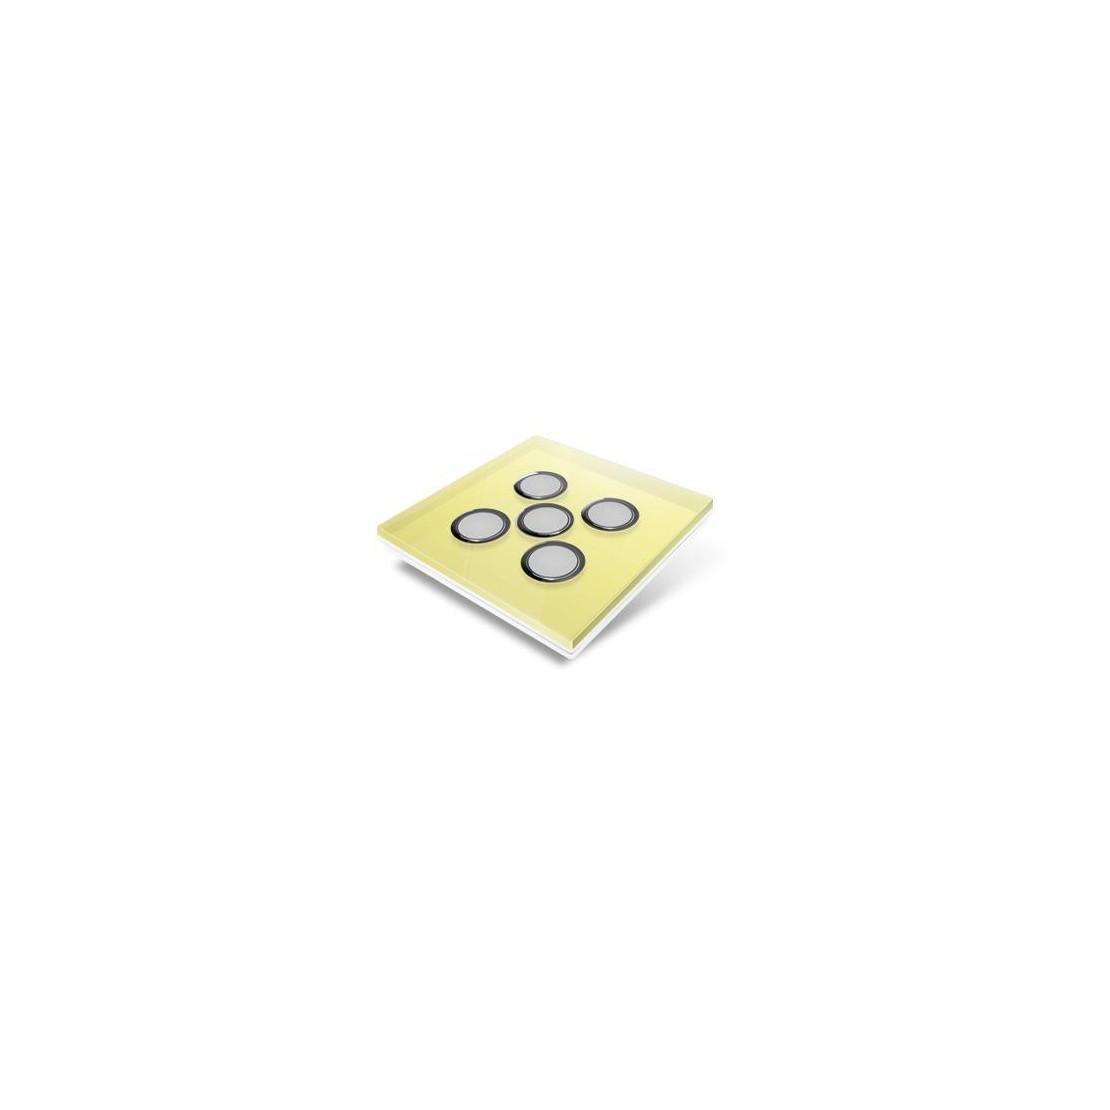 Afdekplaat voor Edisio-schakelaar - glas, geel